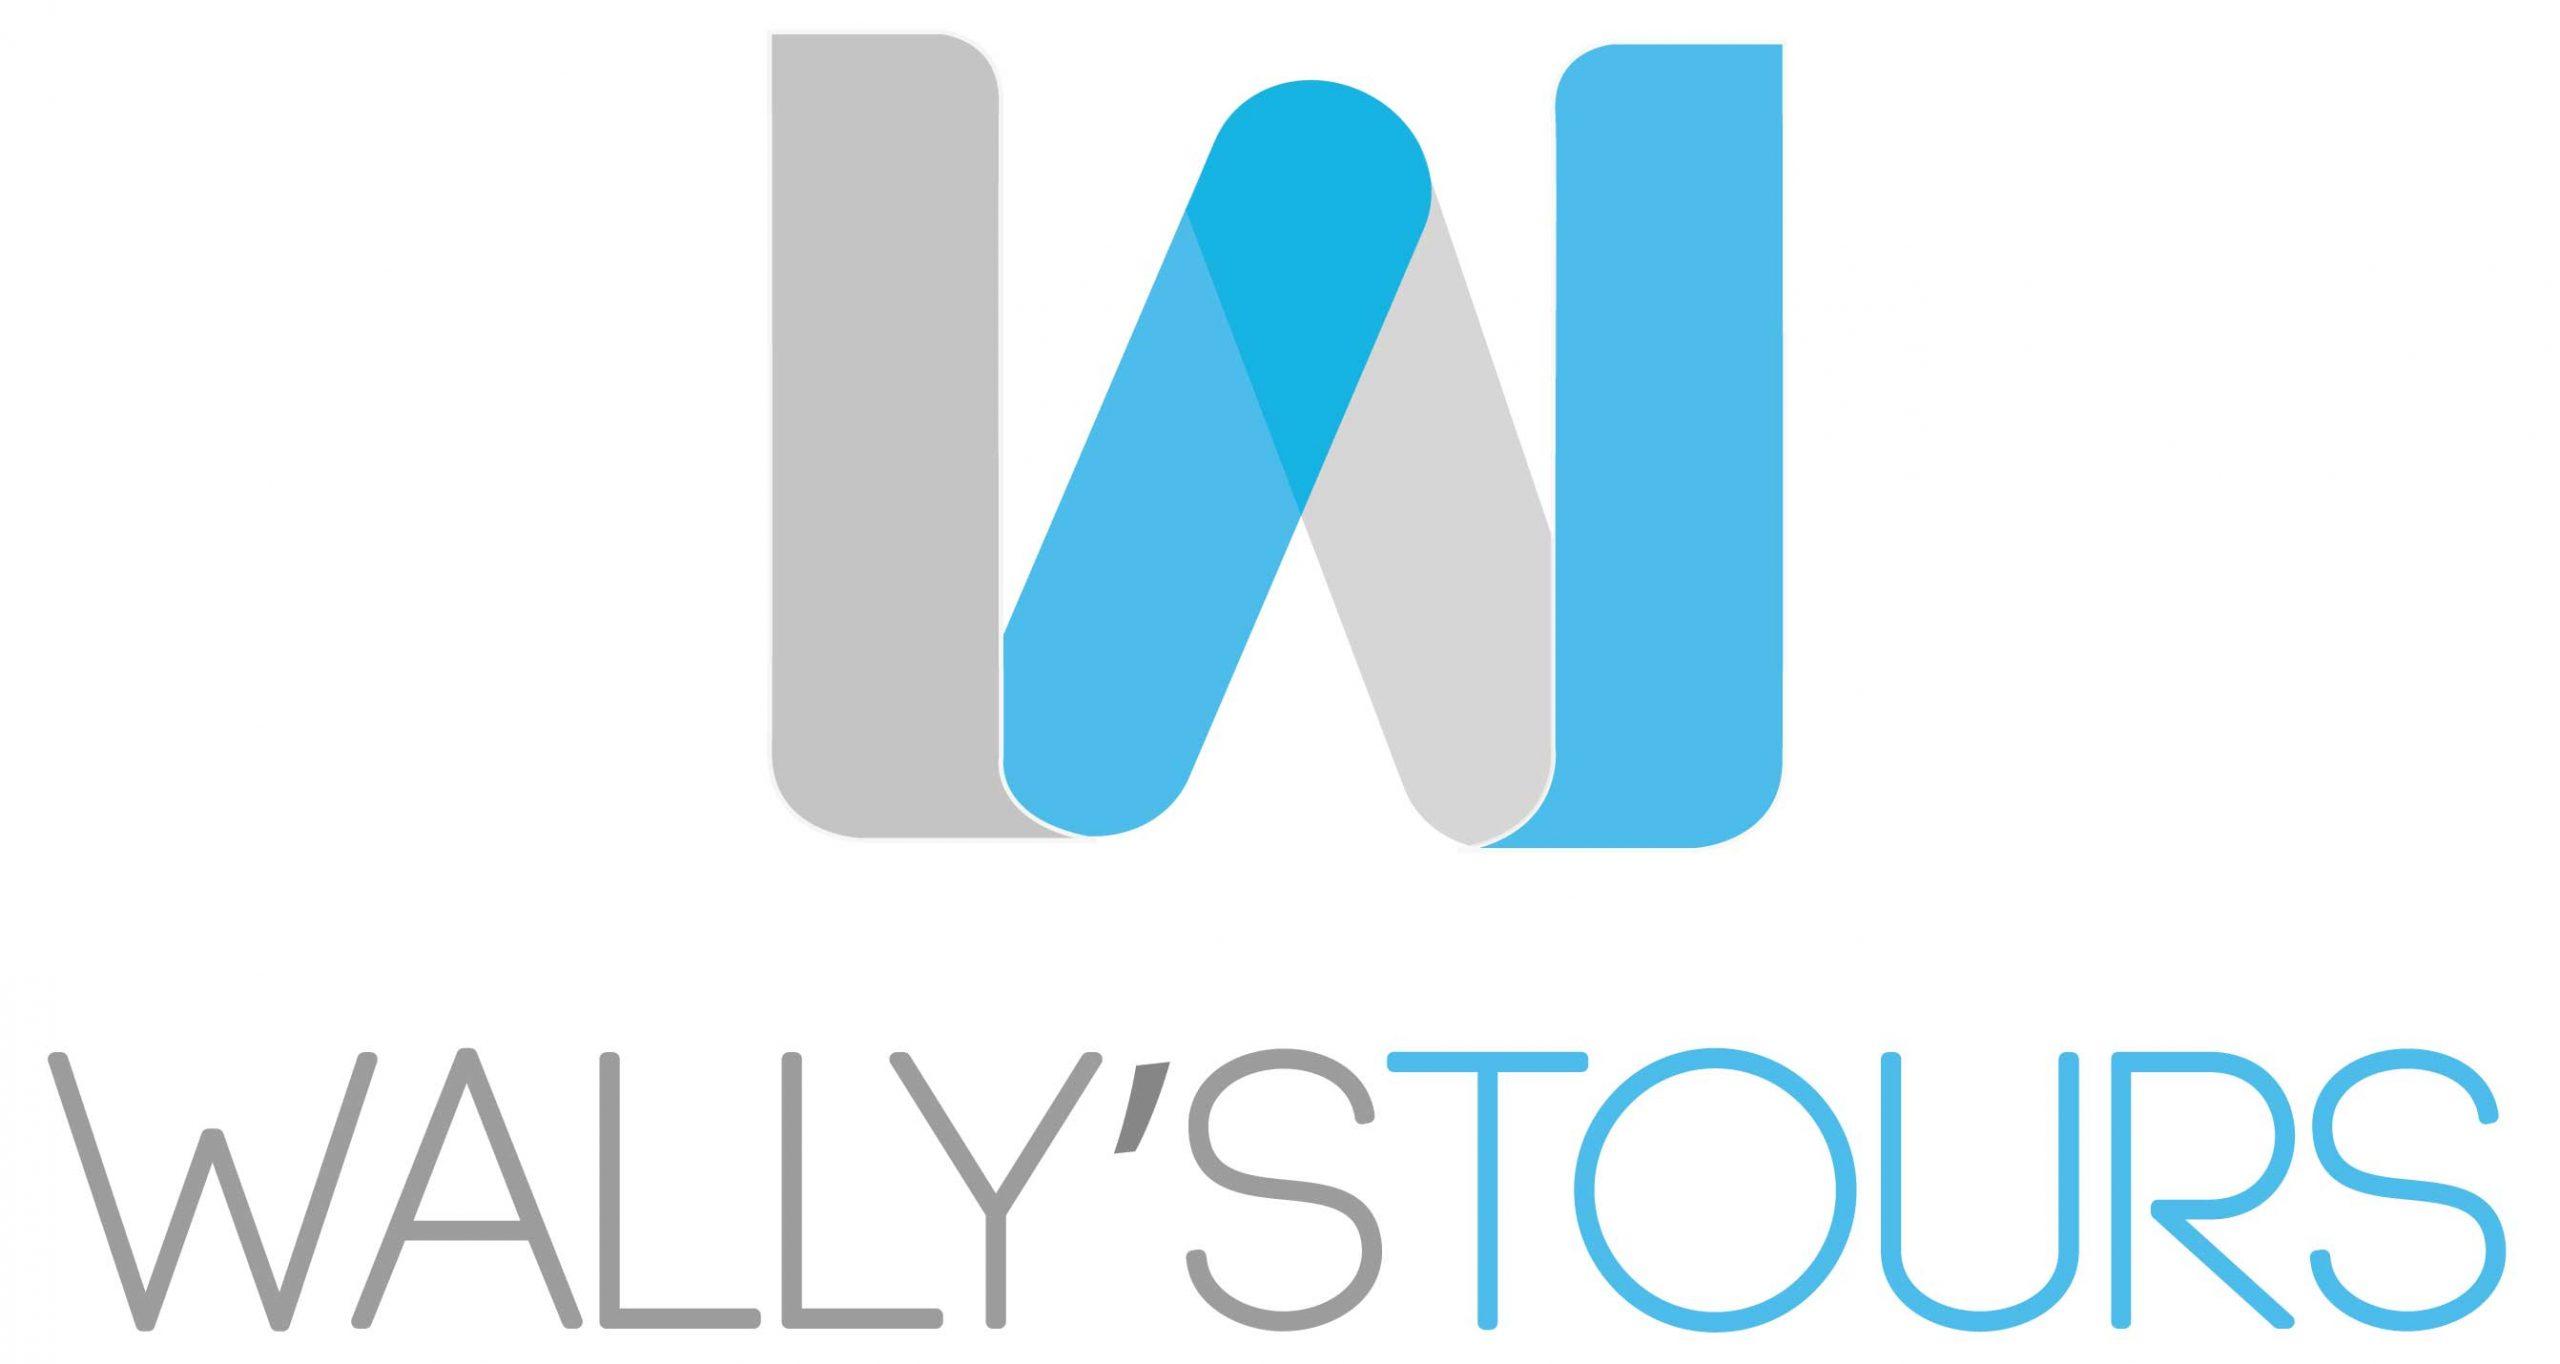 Wallys Tours, S.R.L